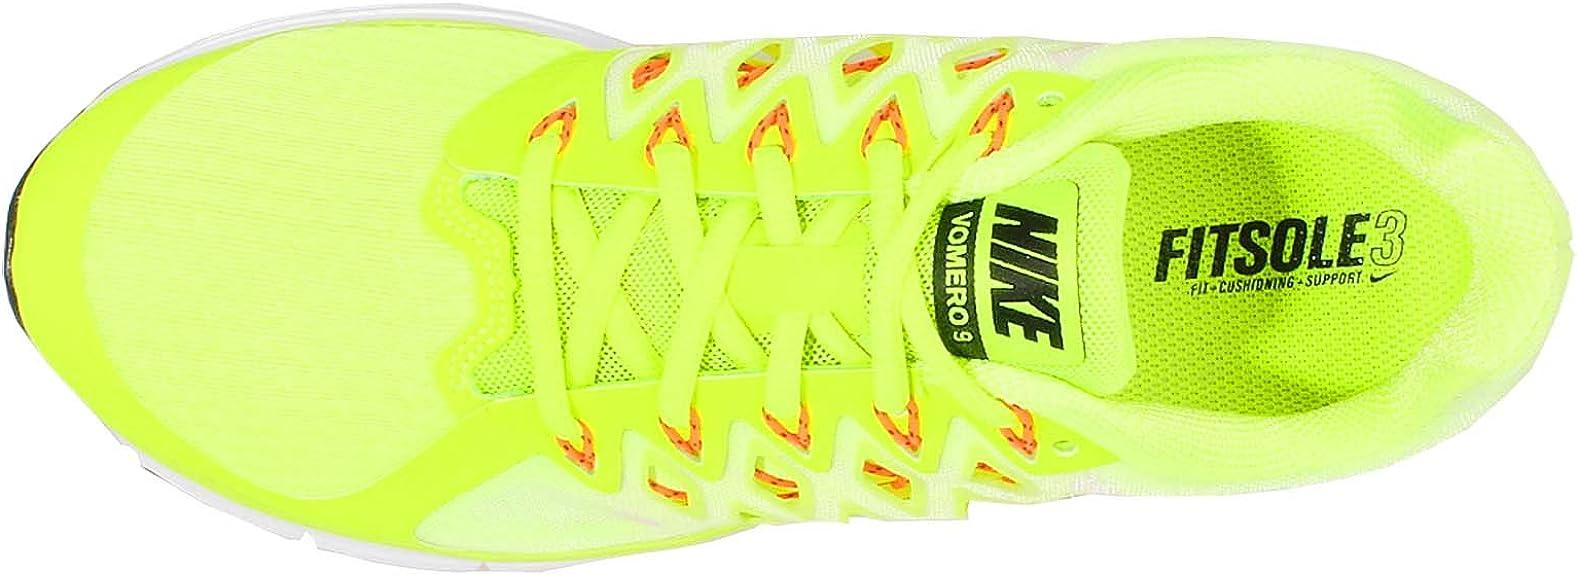 Nike Zoom Vomero 9, Zapatillas de Running para Hombre, Amarillo (Amarillo (Volt/Black-White-Total Orange), 48.5 EU: Amazon.es: Zapatos y complementos